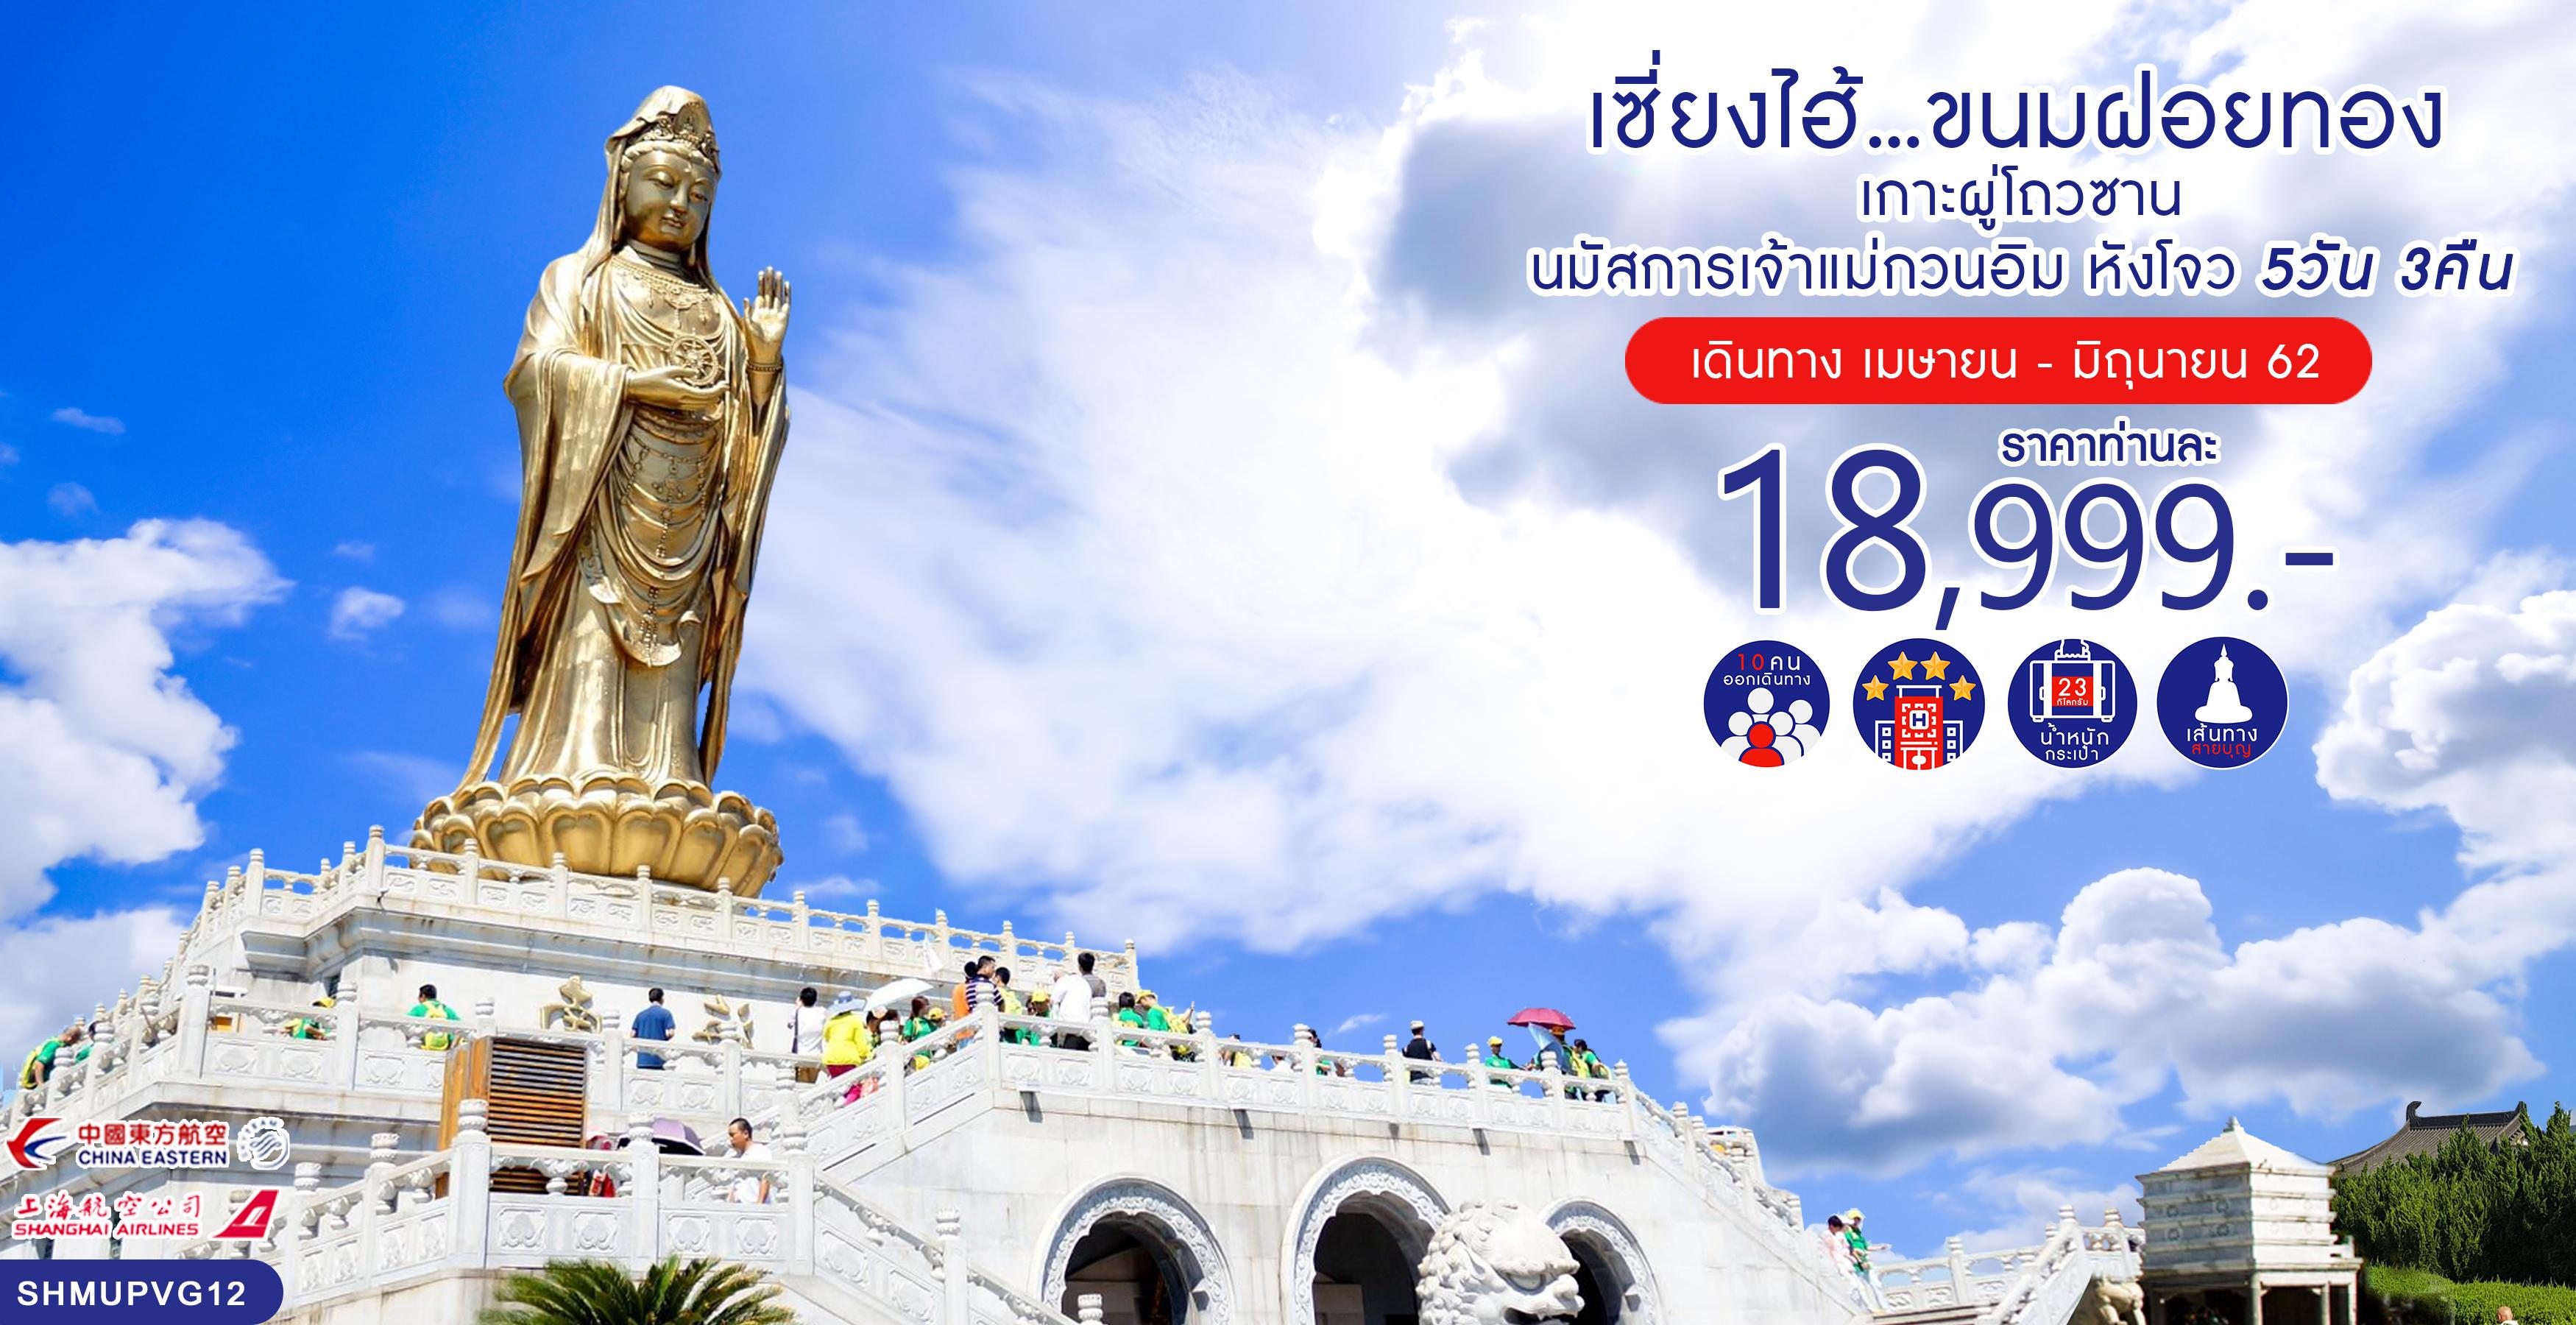 ทัวร์จีน ทัวร์เซี่ยงไฮ้...ขนมฝอยทอง เกาะผู่โถวซาน นมัสการเจ้าแม่กวนอิม หังโจว 5 วัน 3 คืน(MU-FM)